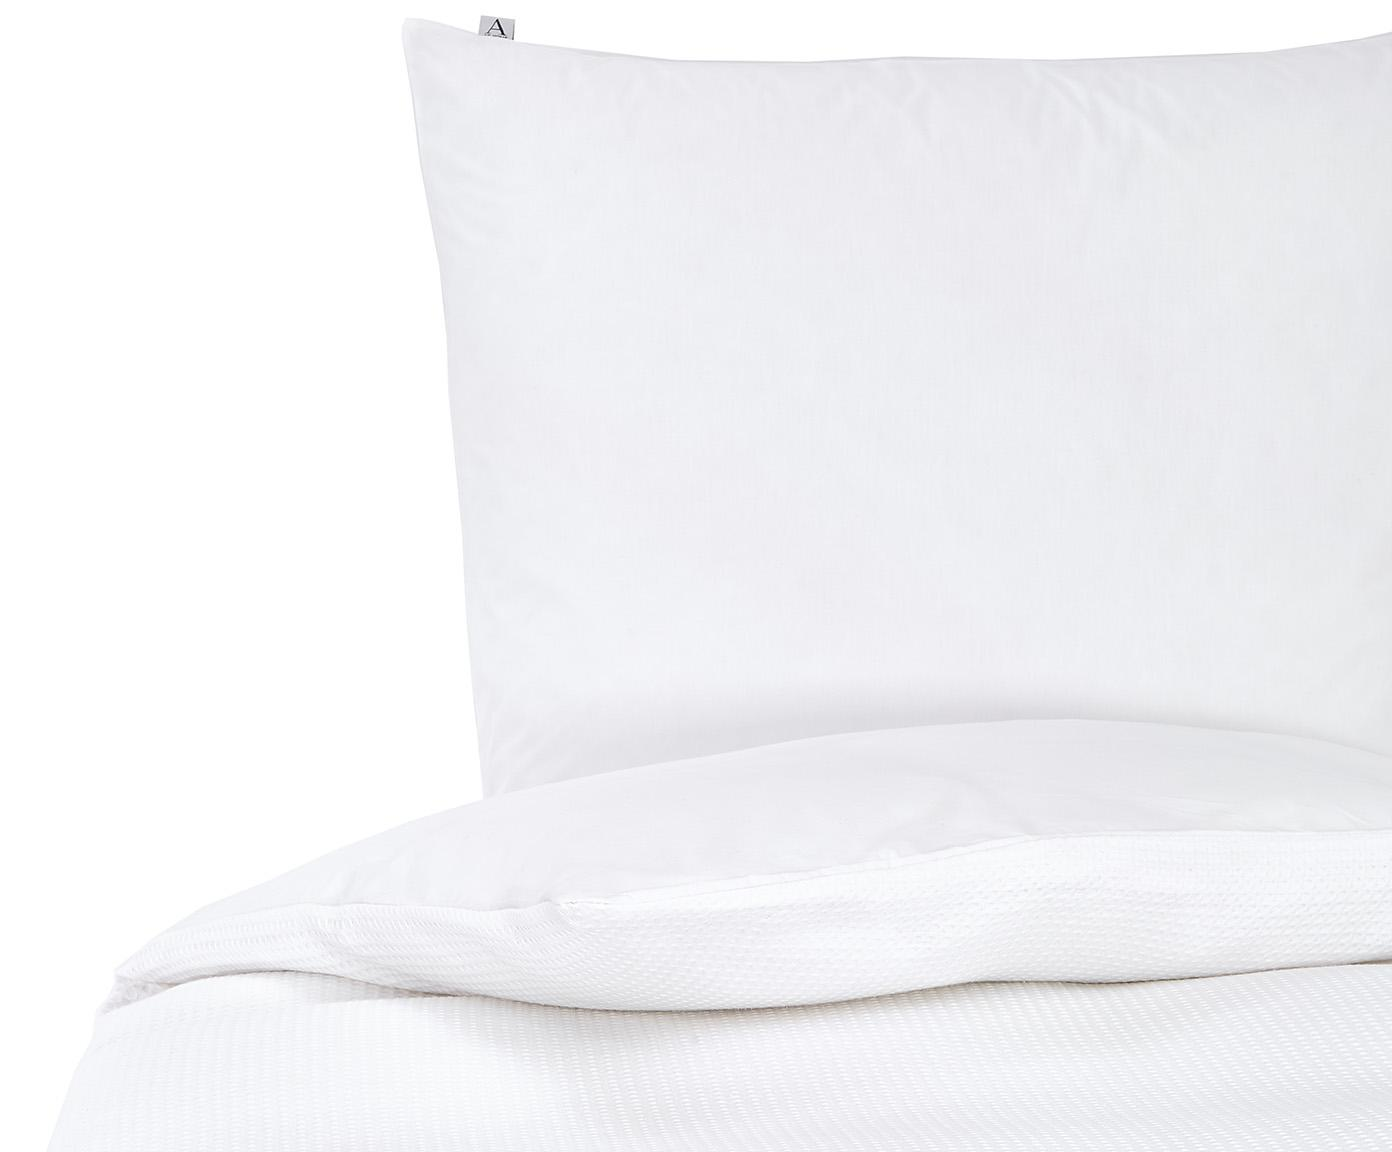 Waffelpiqué-Bettwäsche Waffle Living aus Baumwolle, 100% Baumwolle  Fadendichte 78 TC, Standard Qualität  Bettwäsche aus Baumwolle fühlt sich auf der Haut angenehm weich an, nimmt Feuchtigkeit gut auf und eignet sich für Allergiker, Weiß, 135 x 200 cm + 1 Kissen 80 x 80 cm